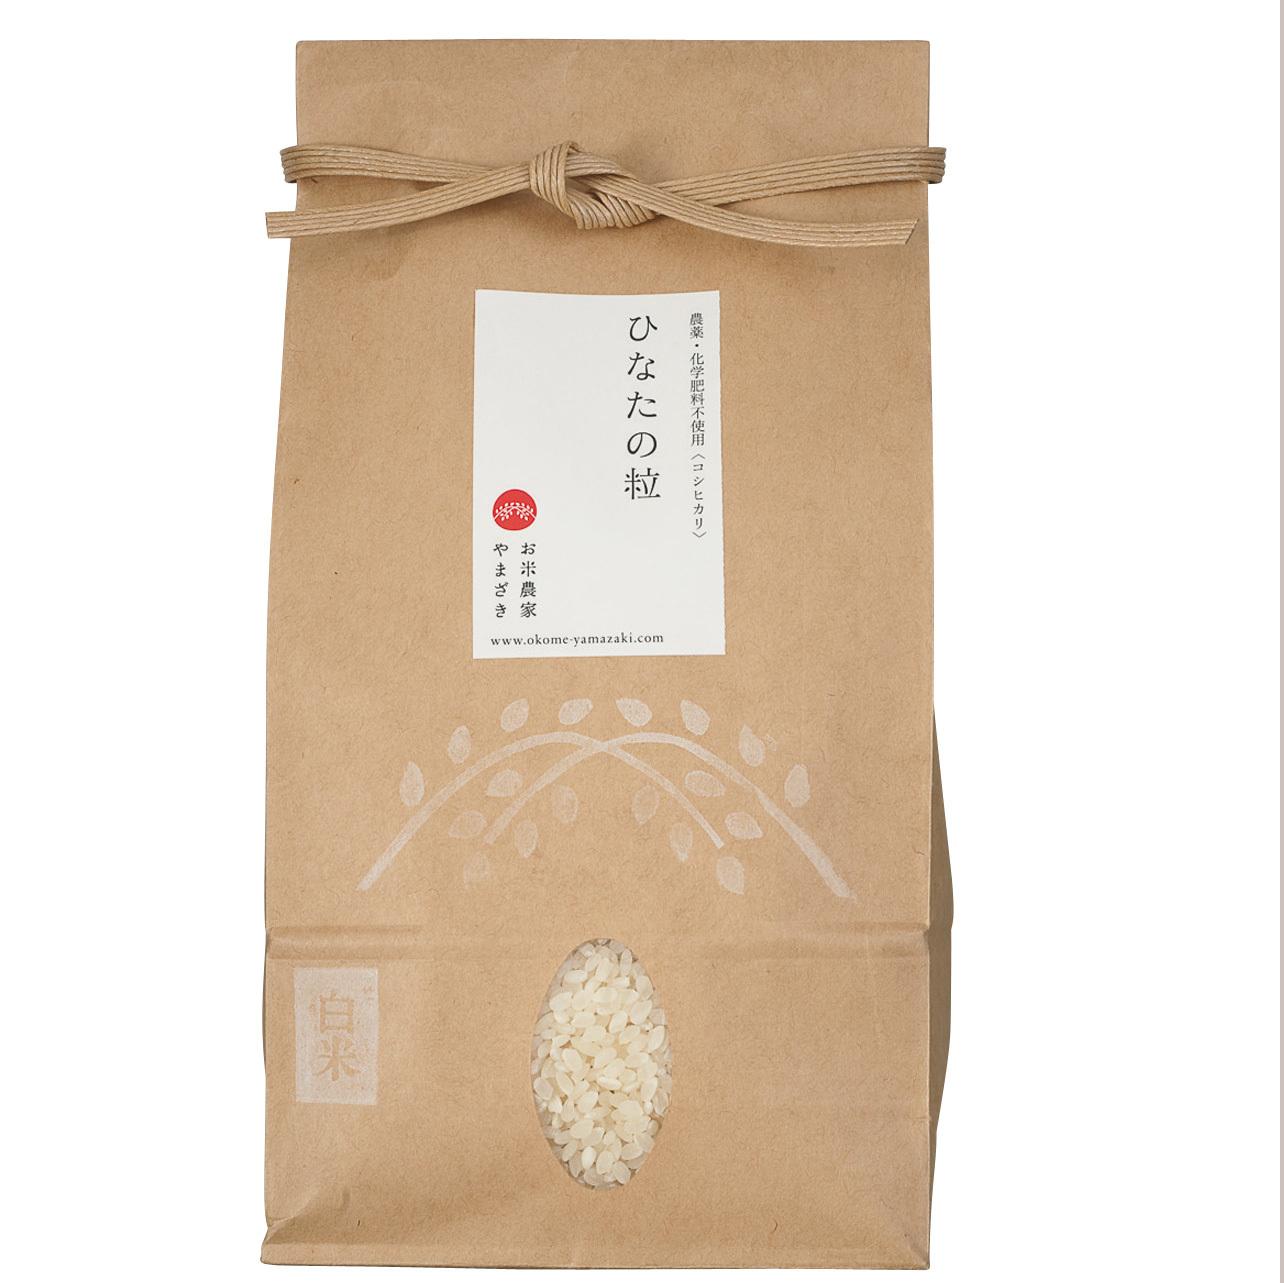 手間隙かけた栽培方法のお米 農家やまざきの「ひなたの粒 無農薬米」_1_1